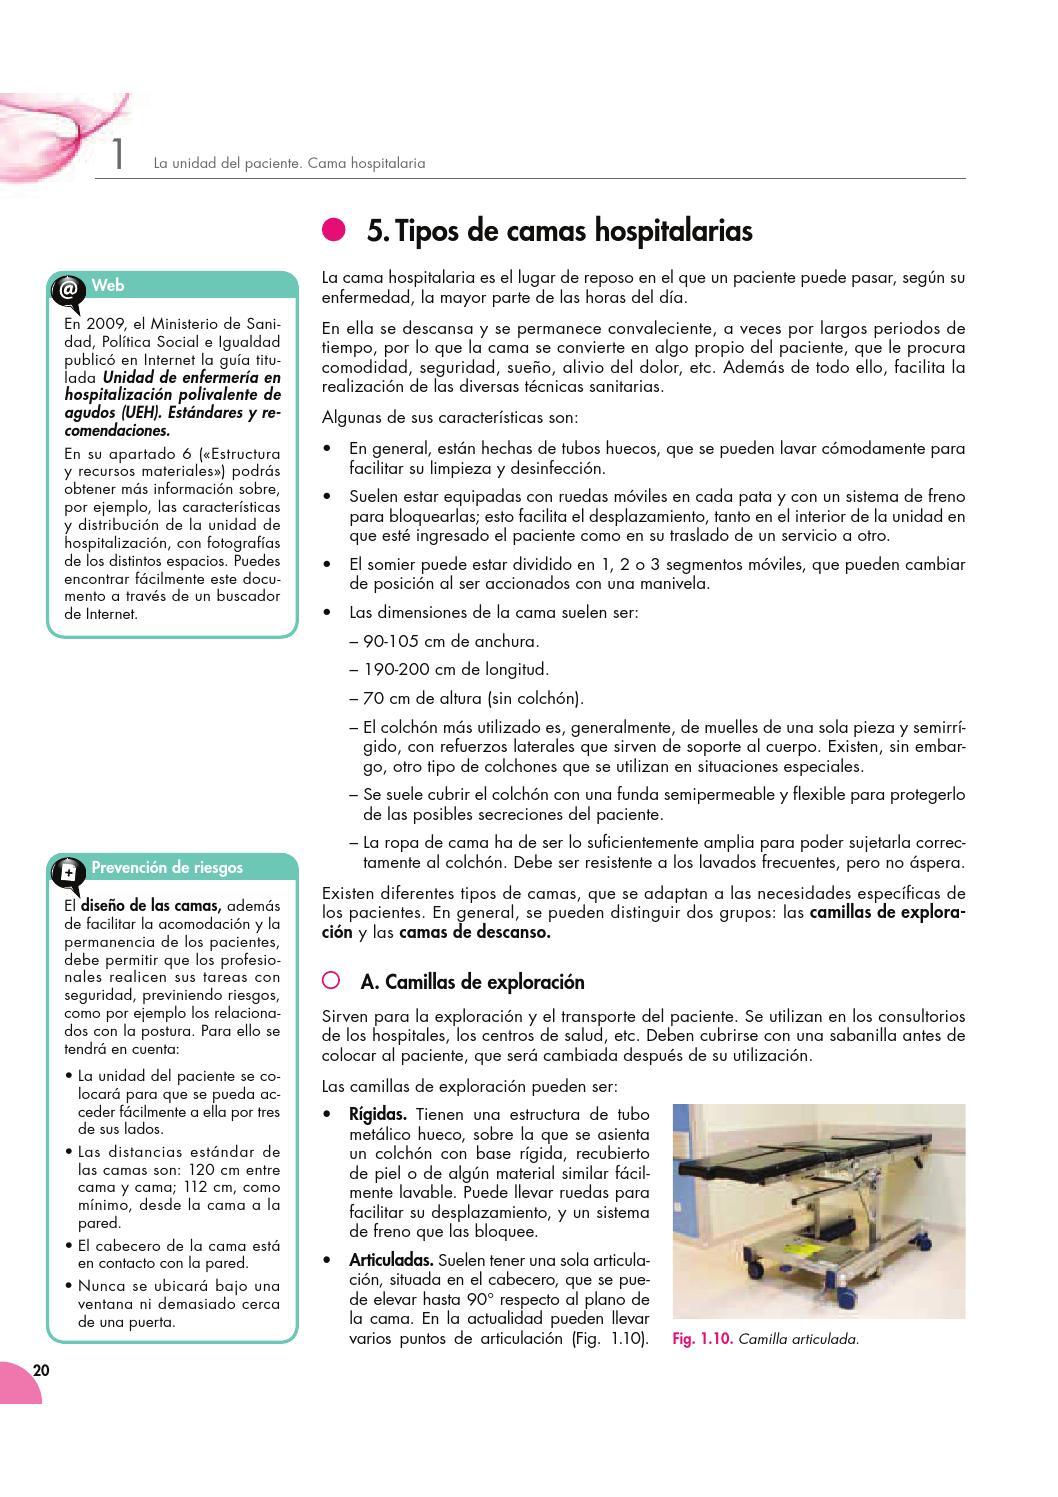 La Cama Hospitalaria By Luis Miguel Berenguel Issuu